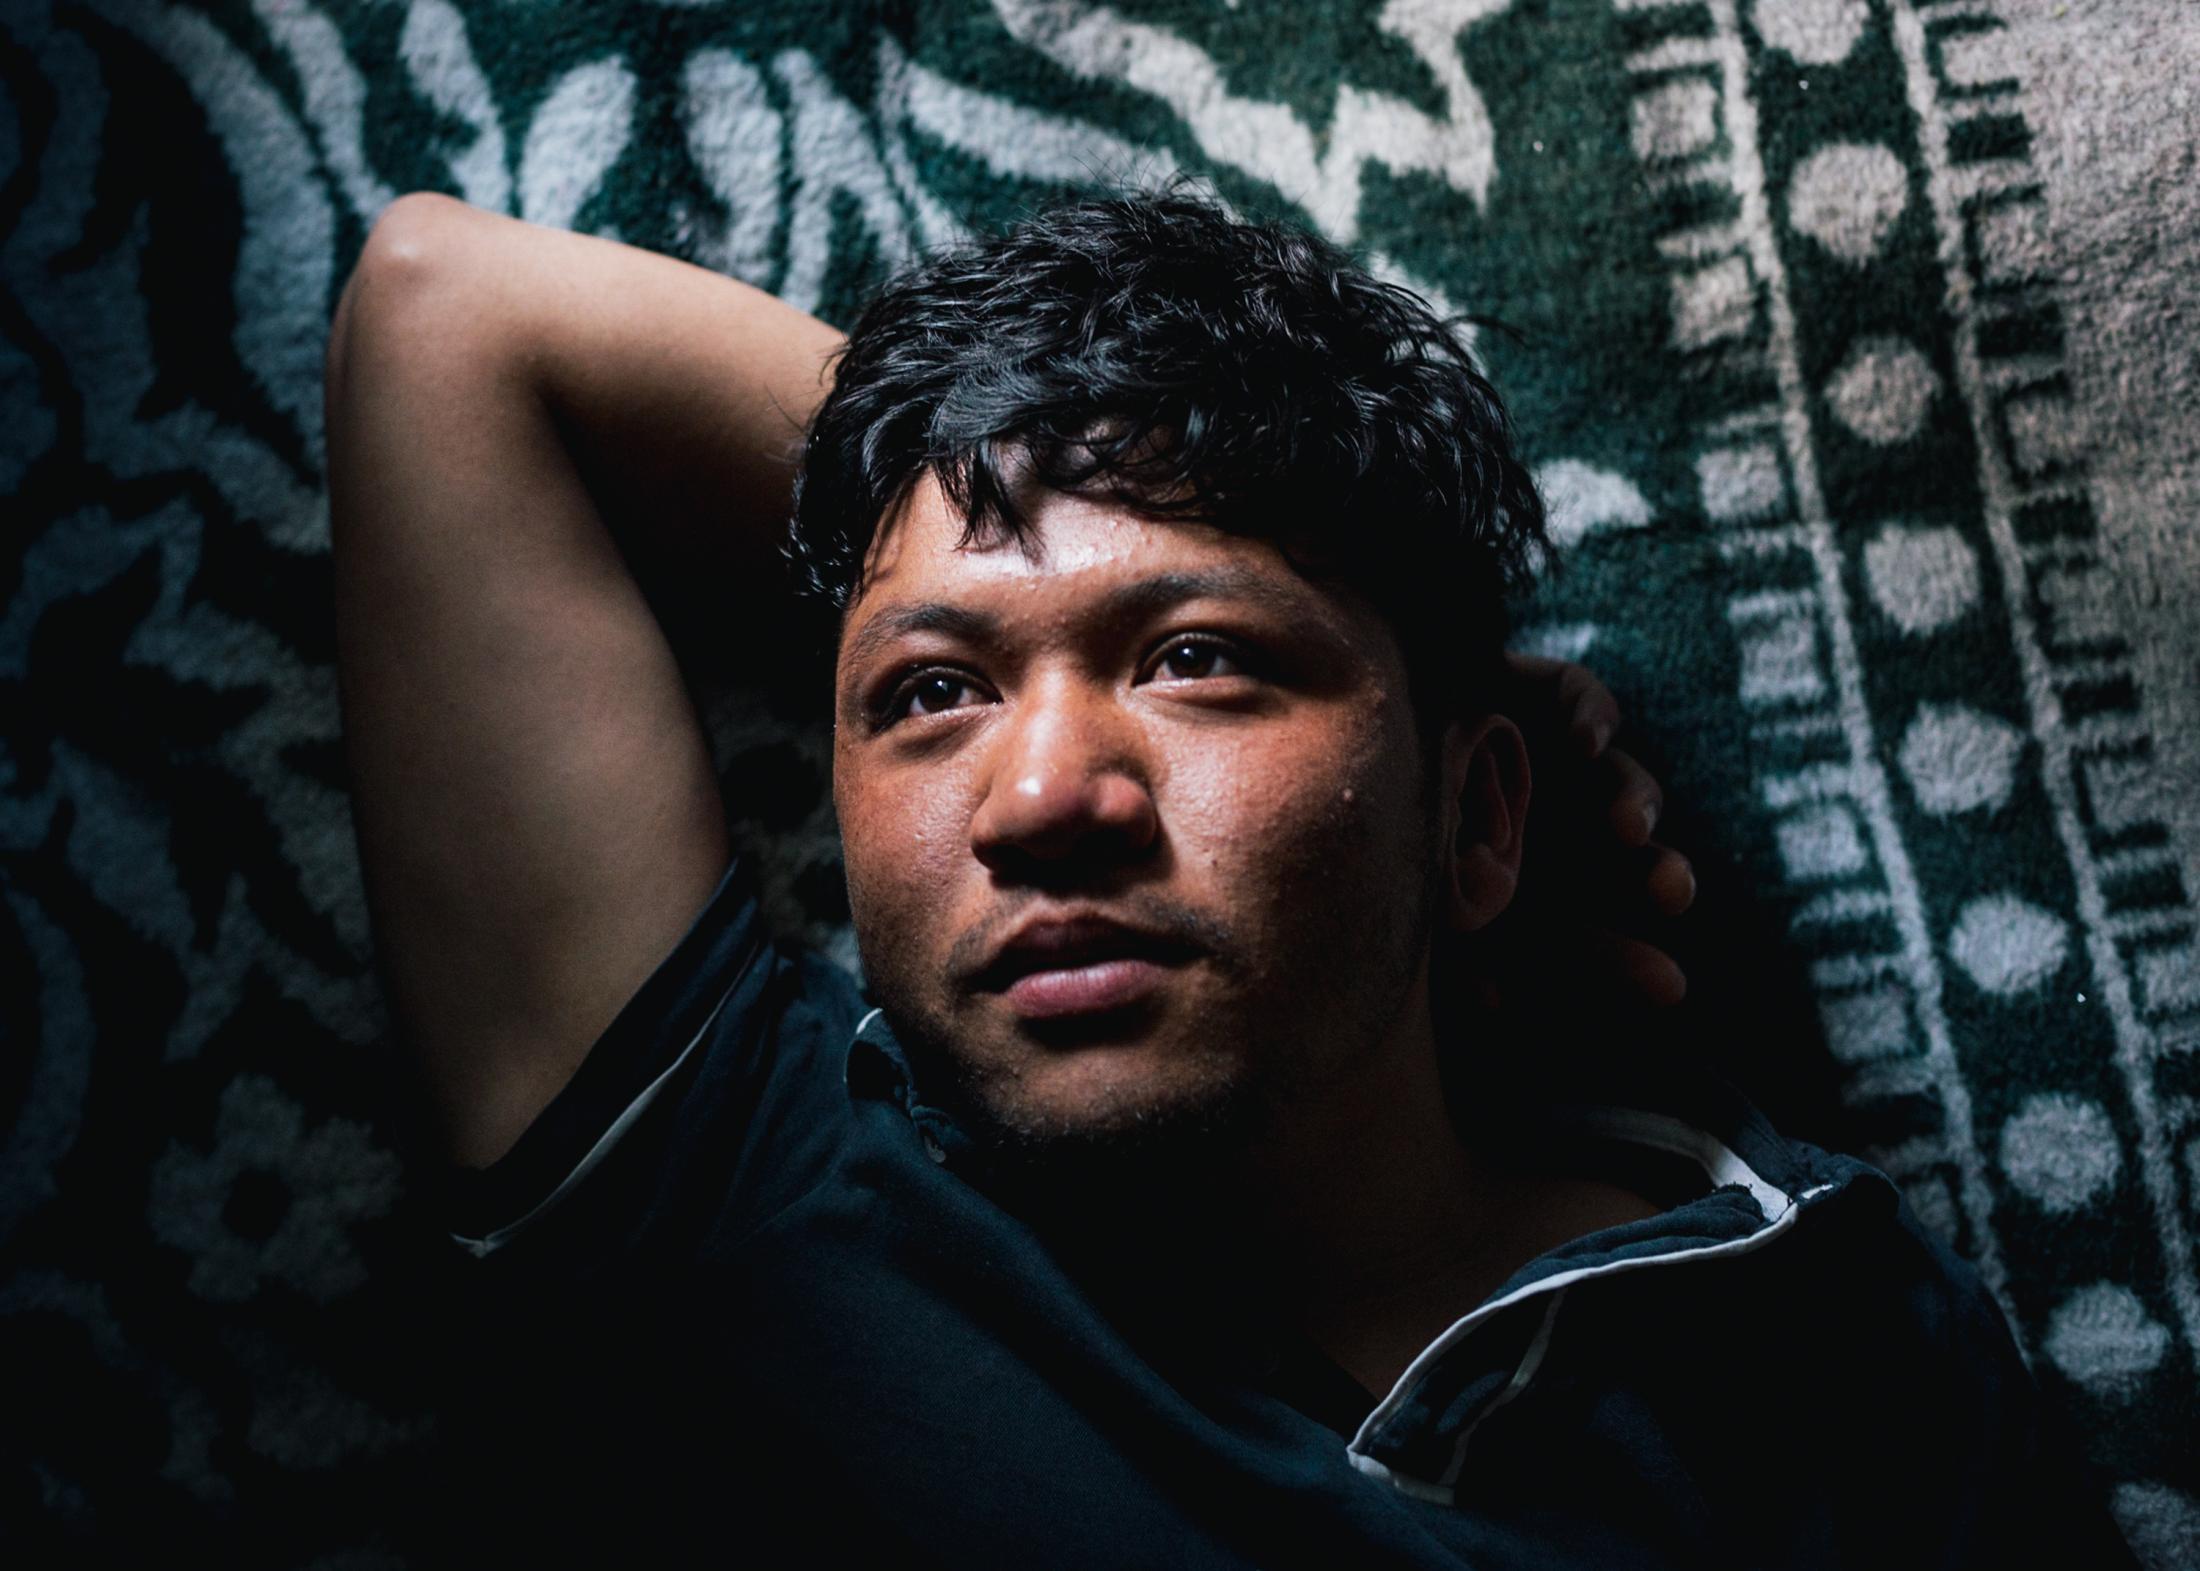 D. kam im Dezember 2018 auf Lesbos an. Seitdem teilt er sich zusammen mit sieben anderen jungen Afghanen aus Baghlan in Afghanistan ein Zelt. In Moria kämpft er vor allem gegen das Gefühl der Stagnation und gegen den immer gleichen Alltag.